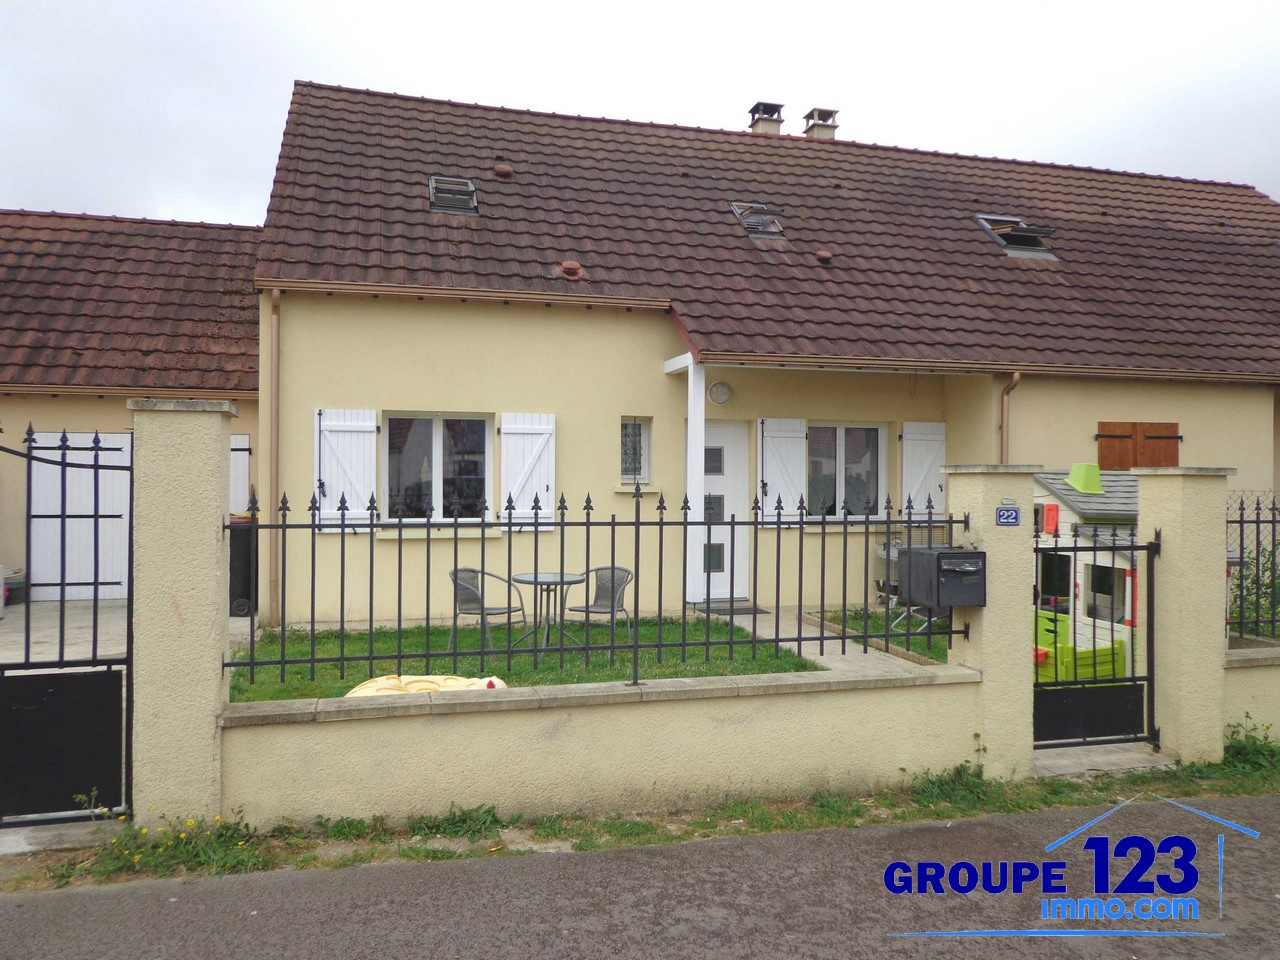 vente maison auxerre avec groupe 123 immobilier